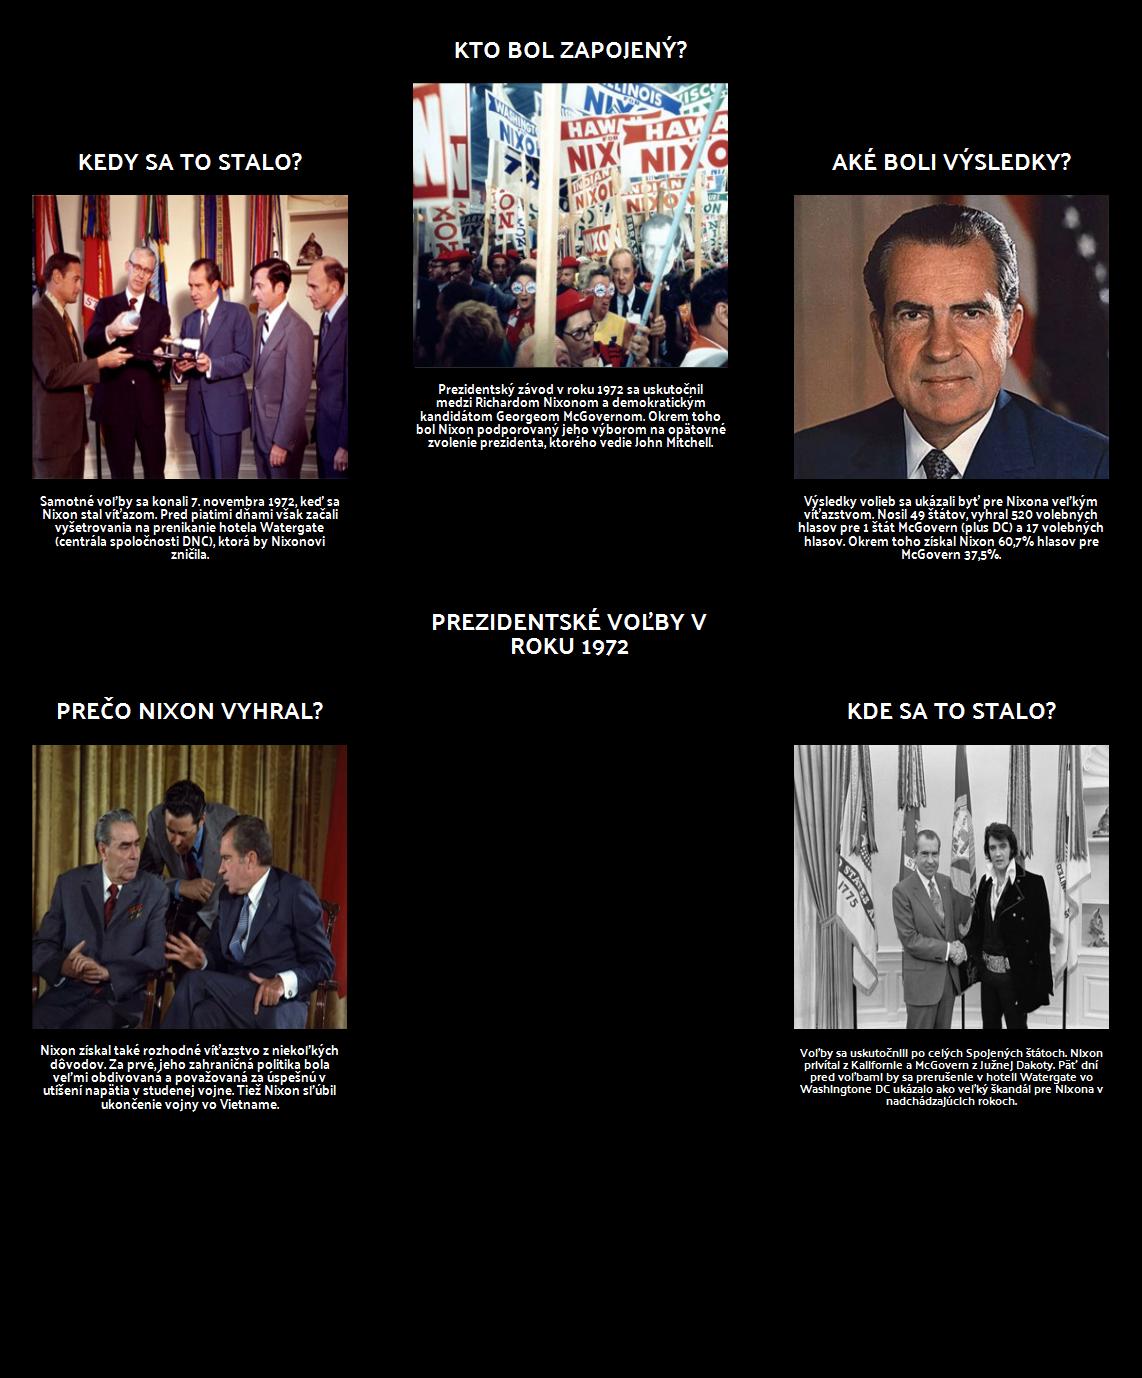 Predsedníctvo Richarda Nixona - 5 W z volieb v roku 1972